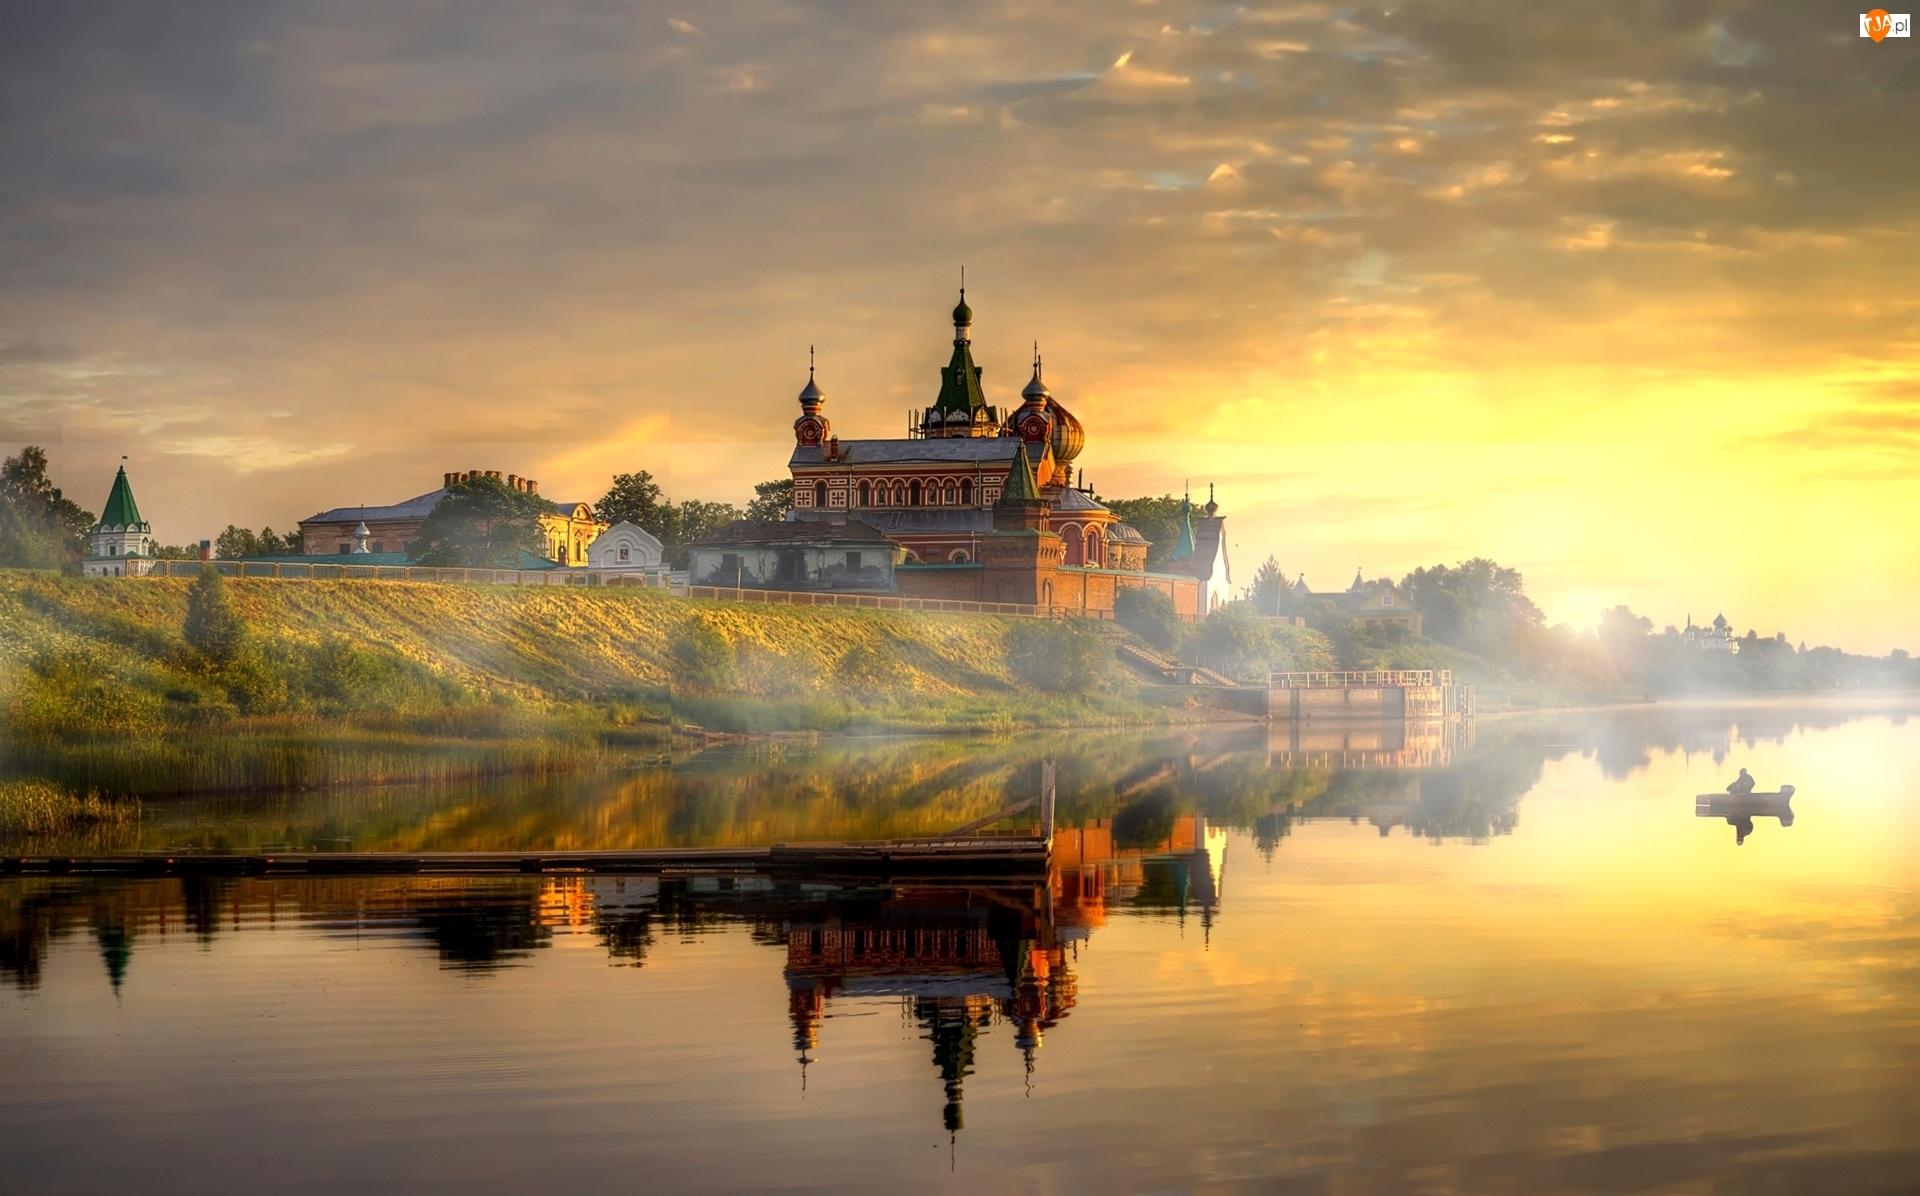 Cerkiew, Jezioro, Słońca, Zachód, Mgła